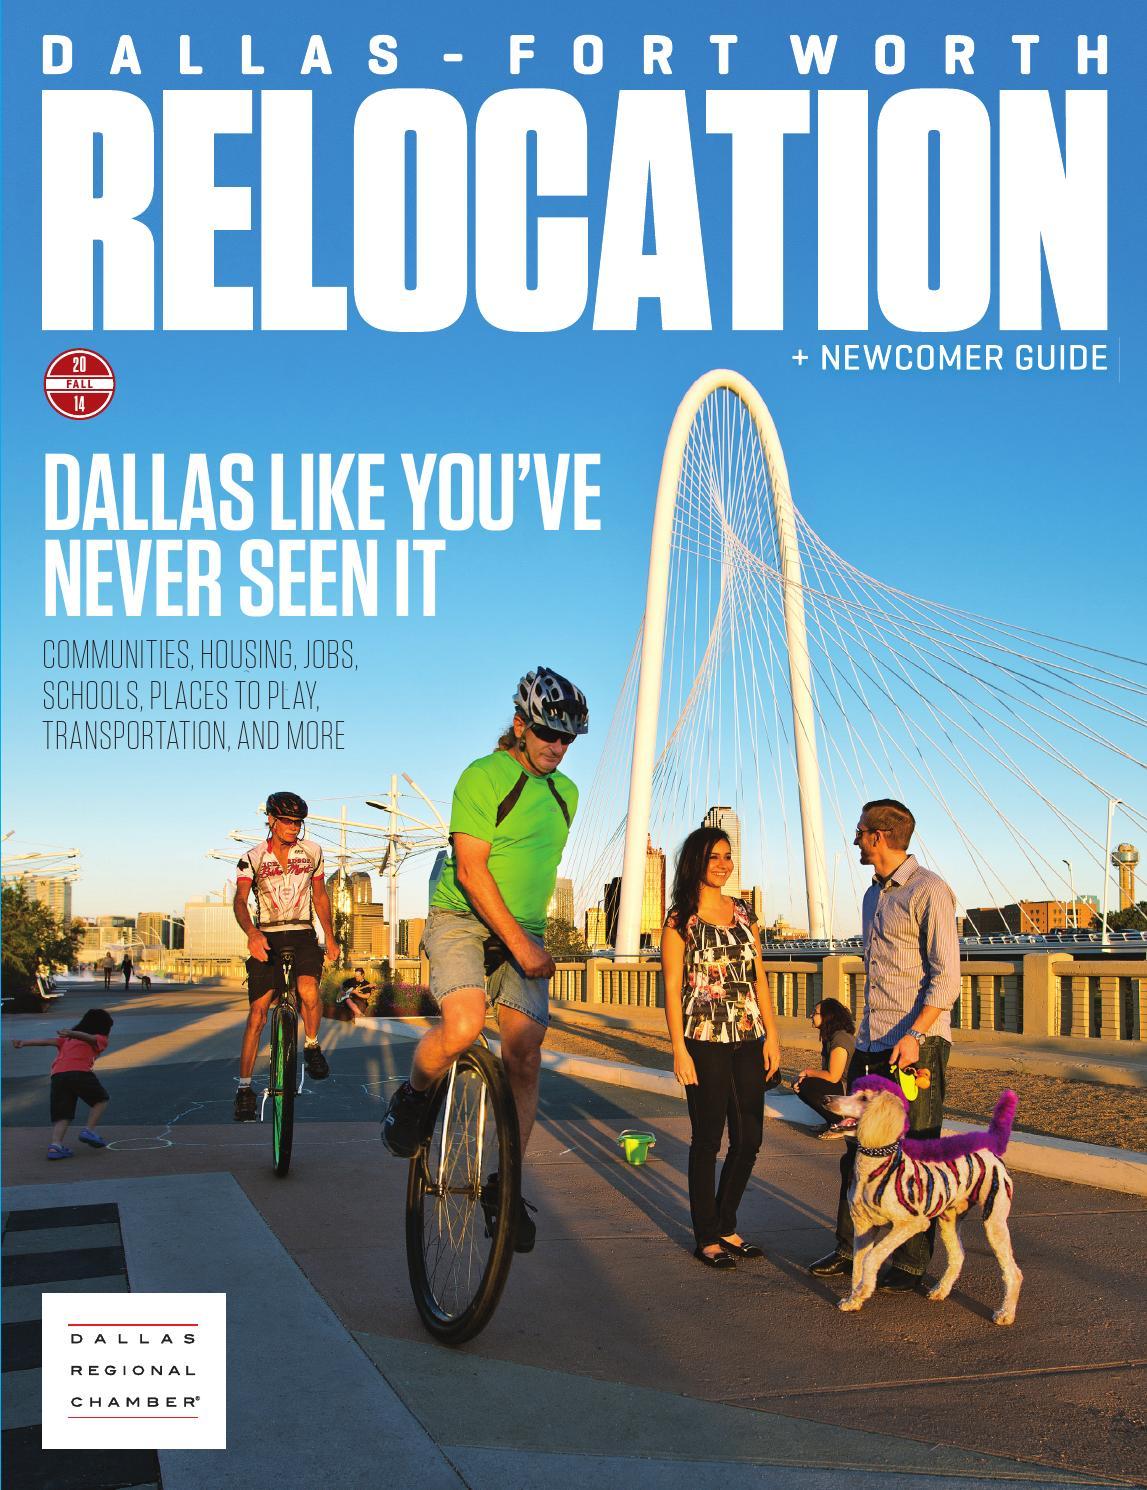 dallas fort worth relocation newcomer guide fall 2014 by dallas